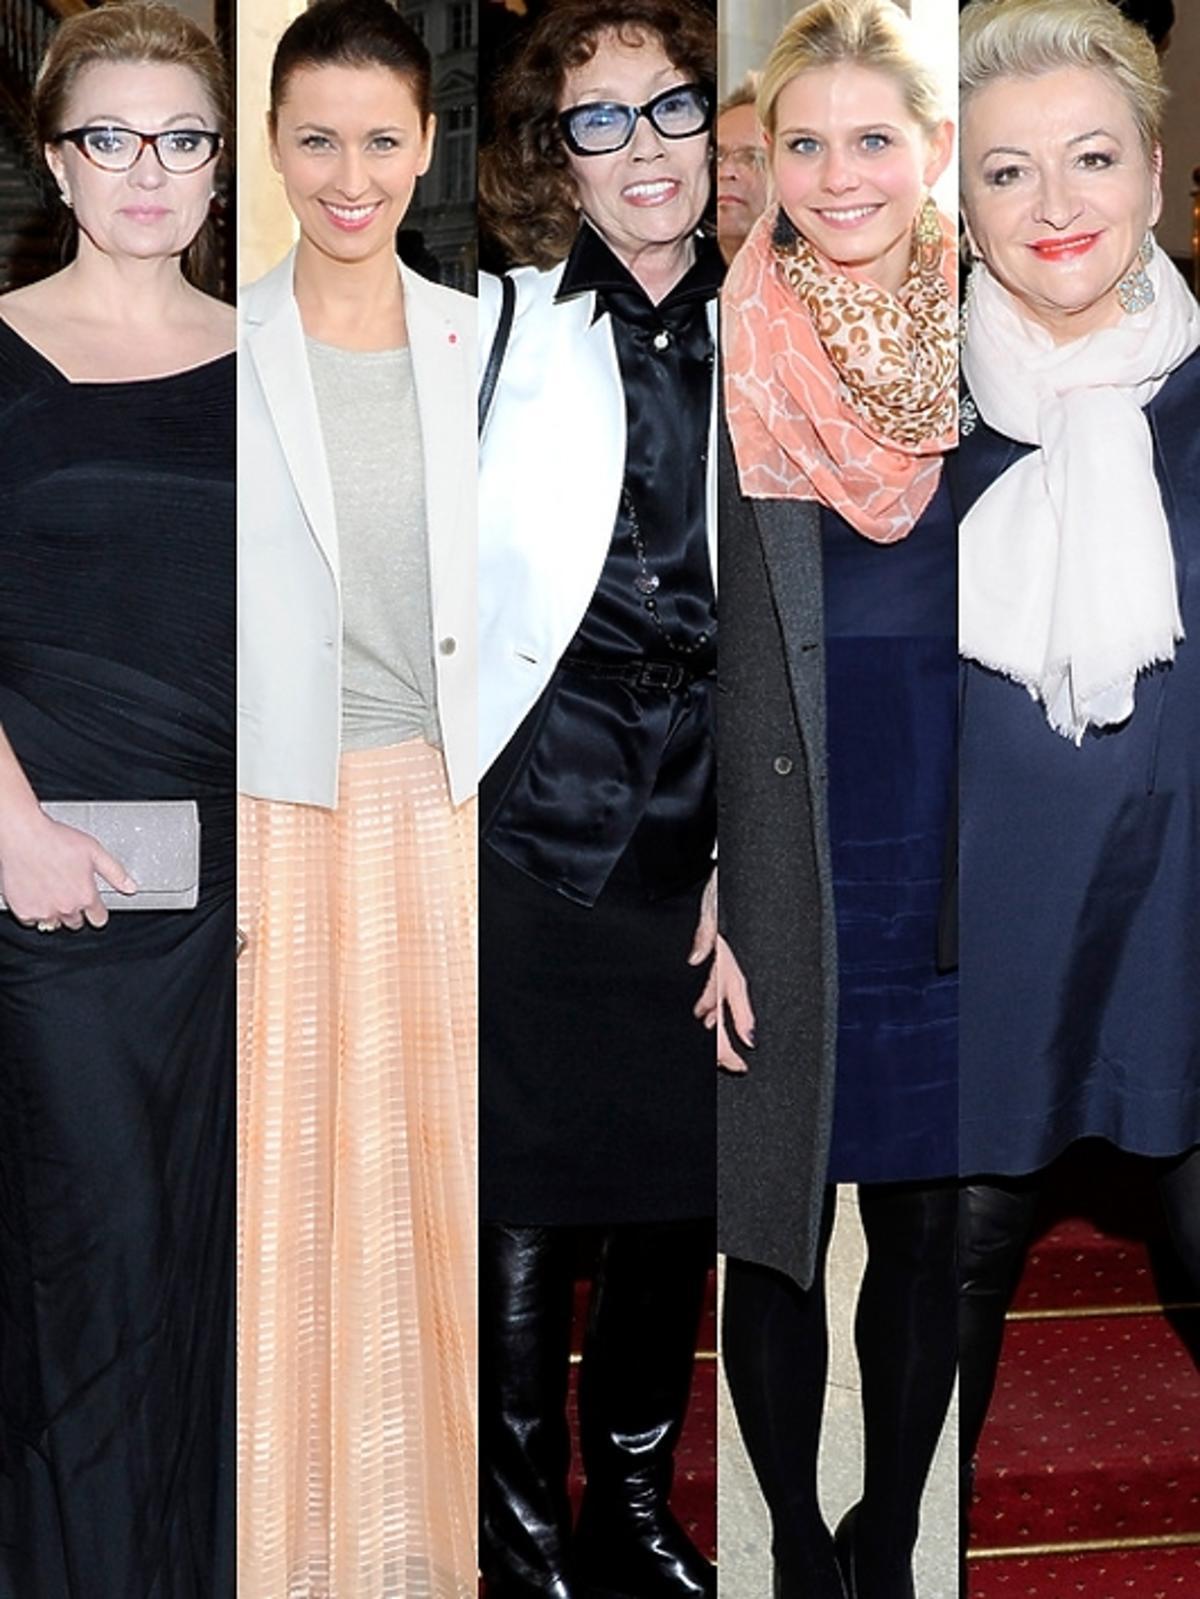 Gwiazdy na premierze opery